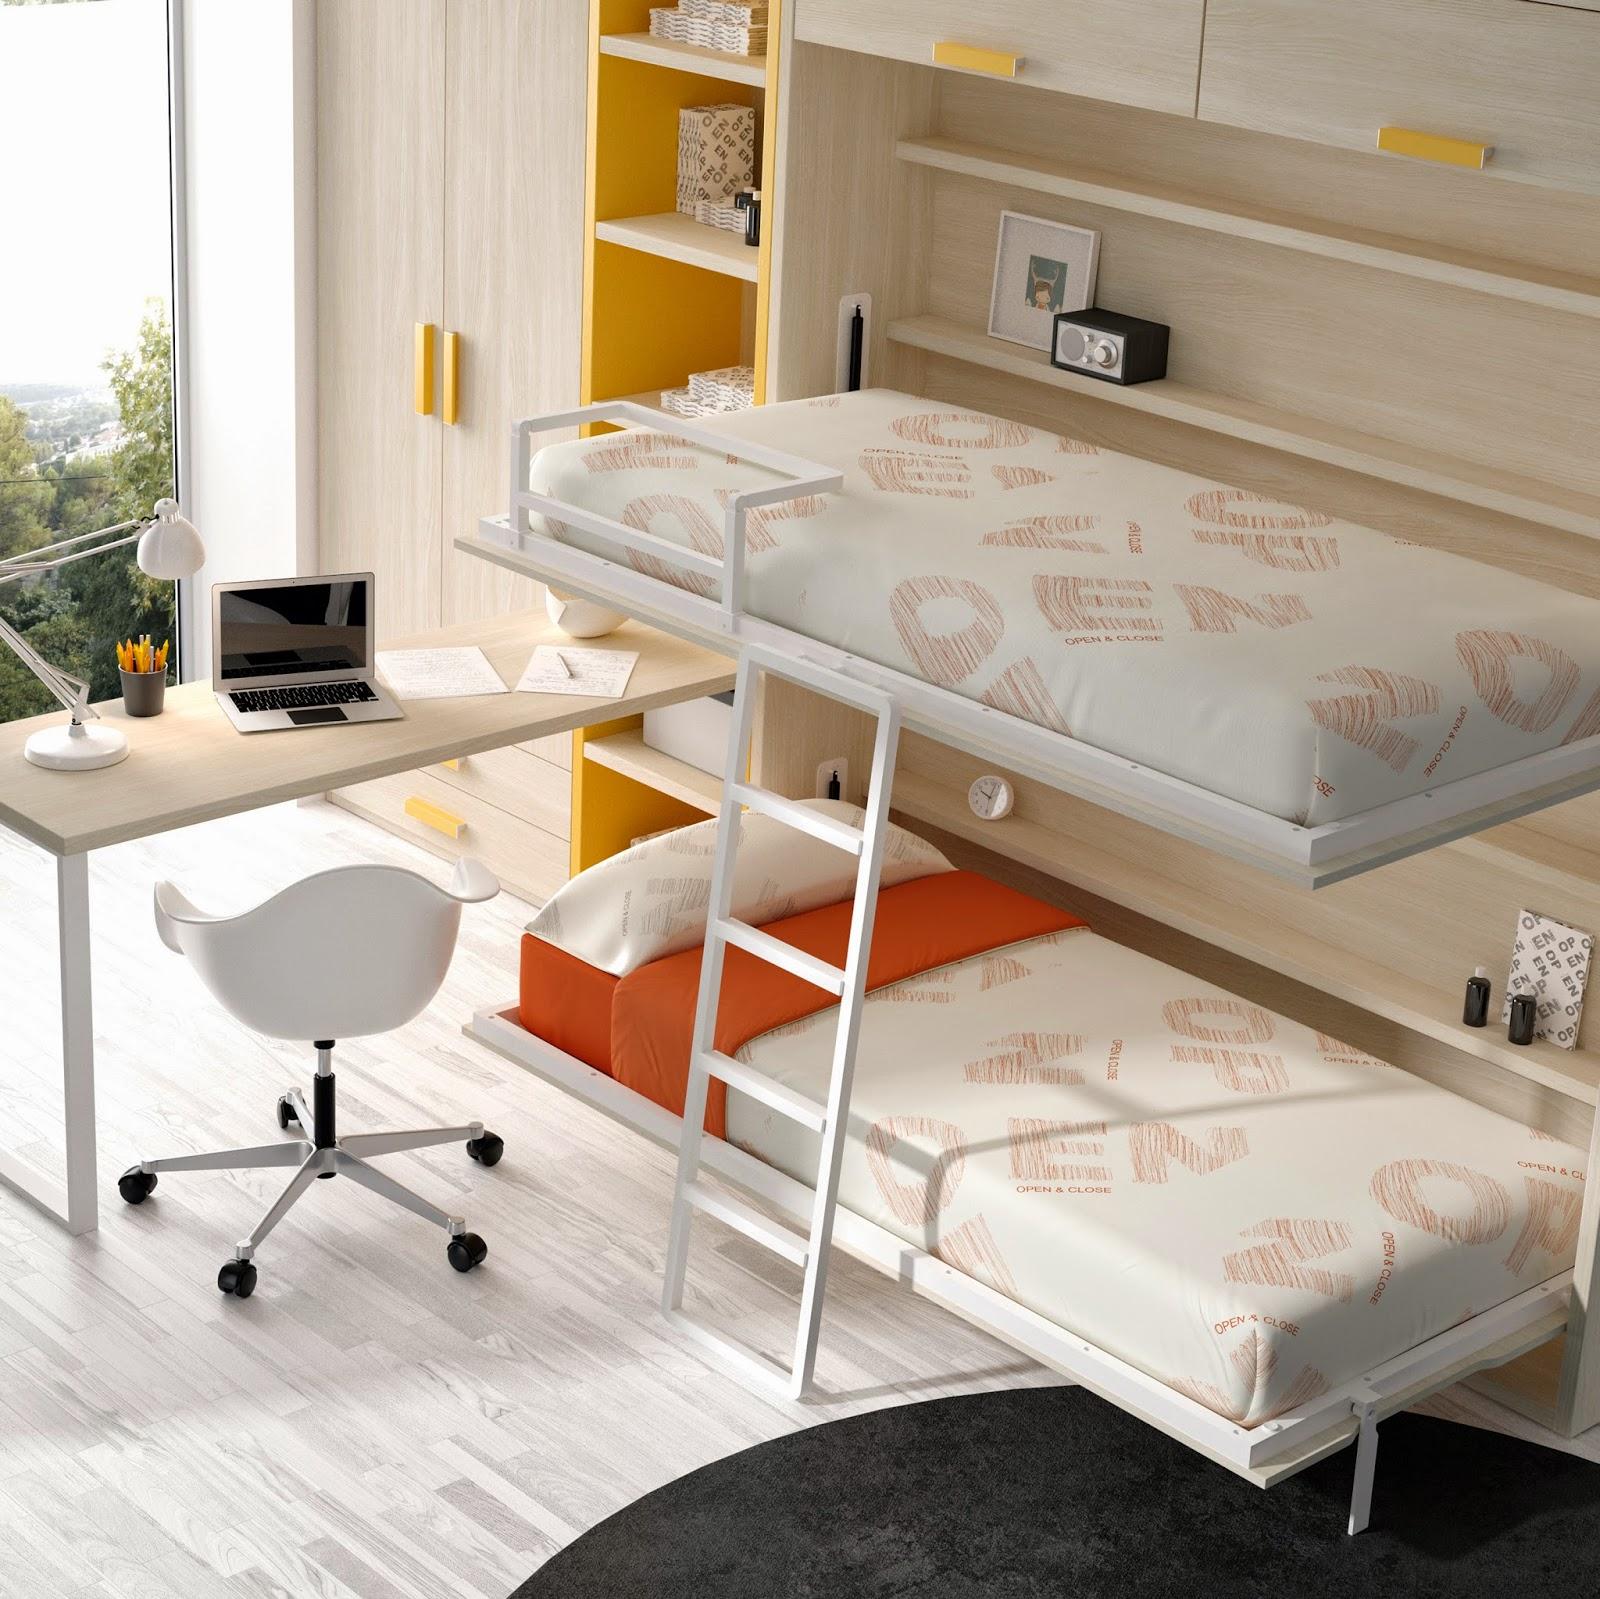 Nuevas camas abatibles de muebles ros - Sistema cama abatible ...